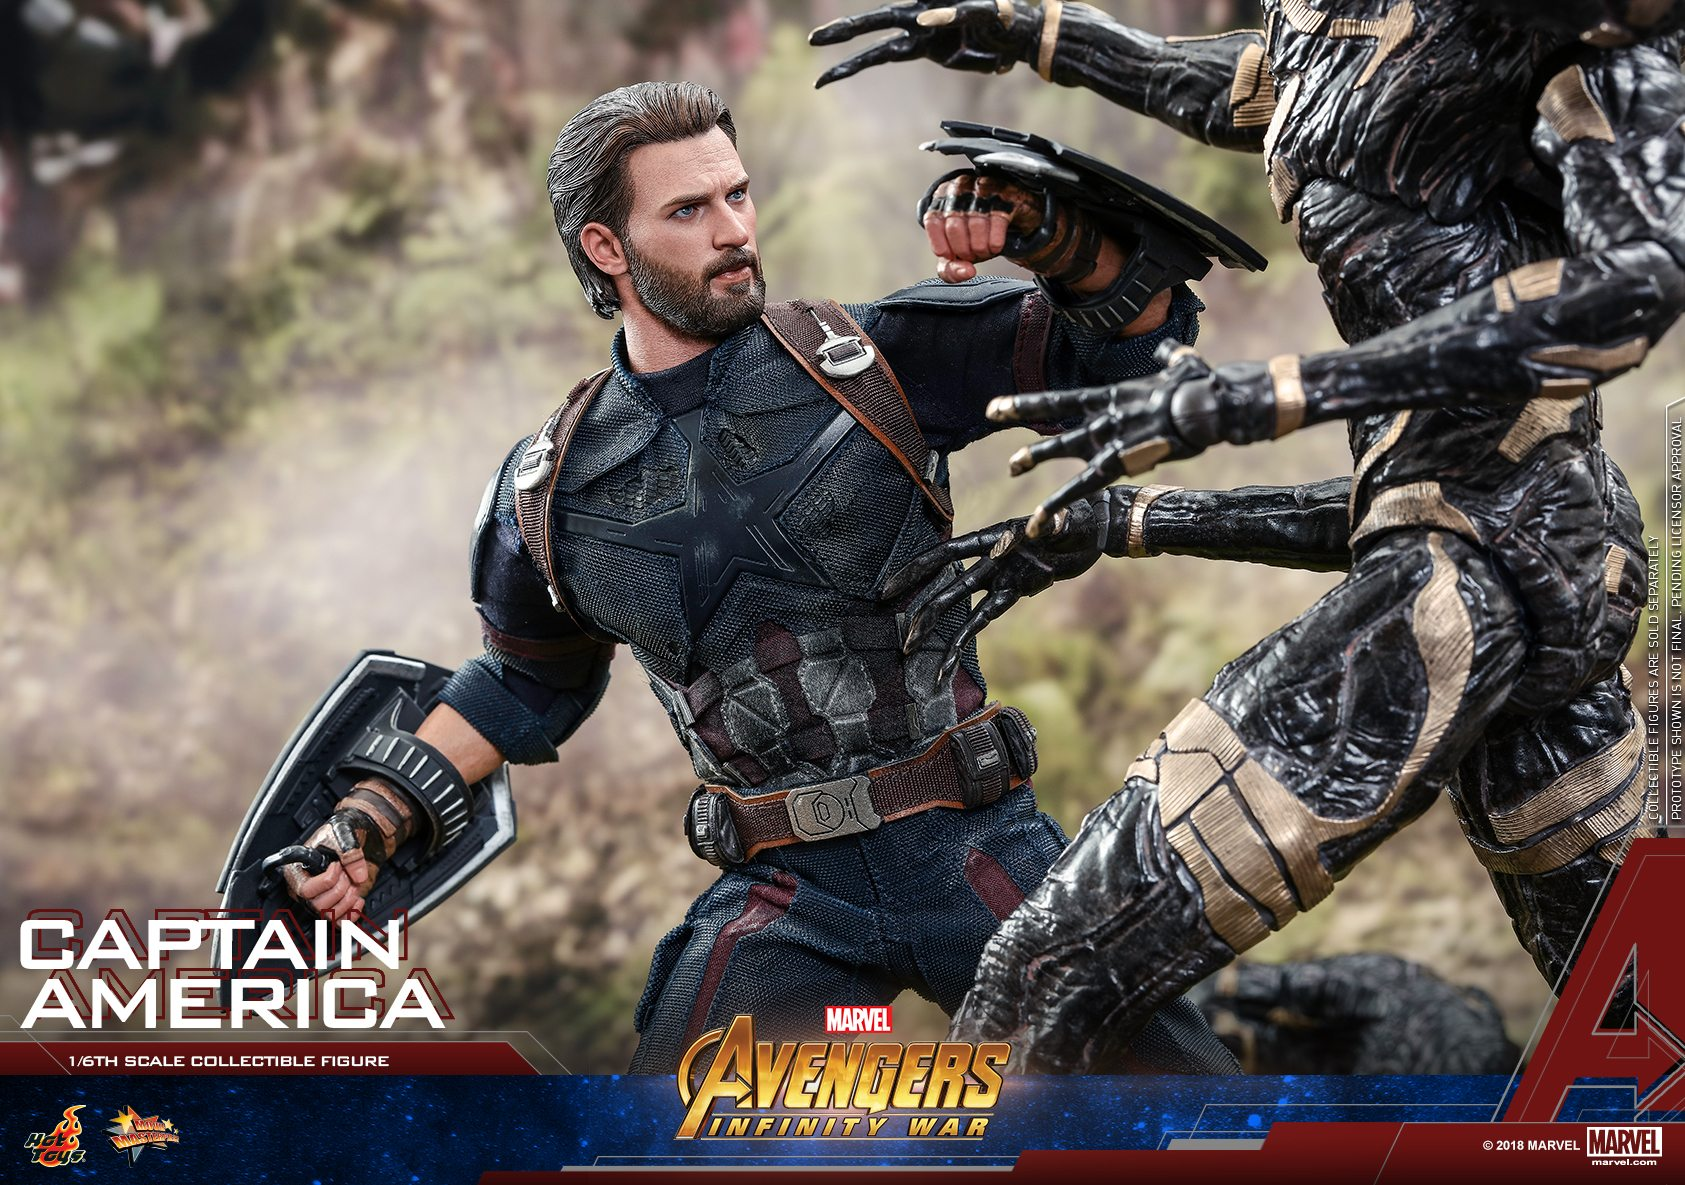 Hot Toys revela su figura de Capitán América Movie Masterpiece de Avengers: Infinity War